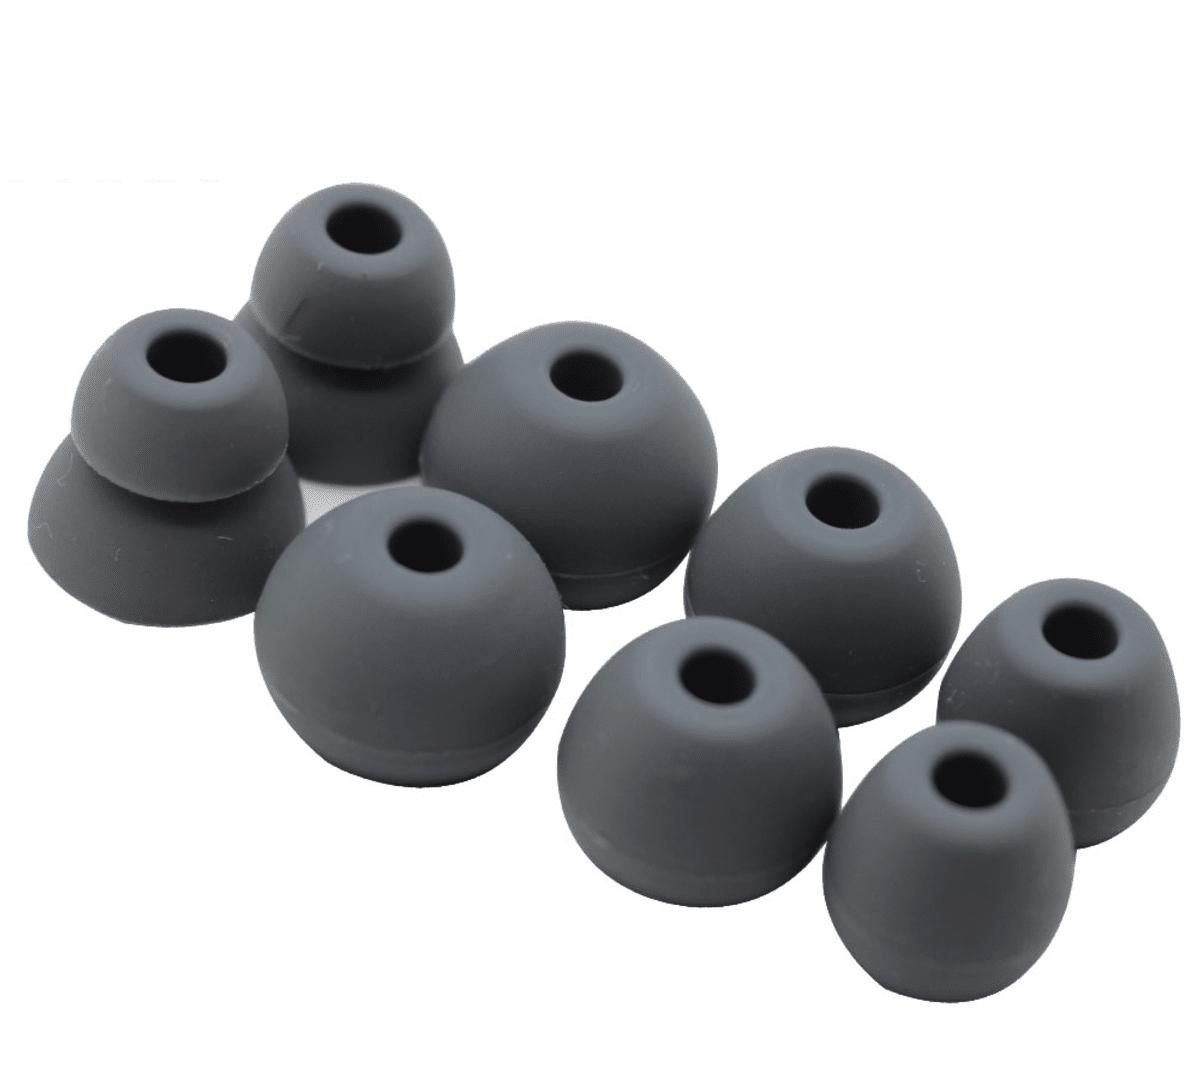 Beats x wireless earbuds gray - wireless earbud beats 3